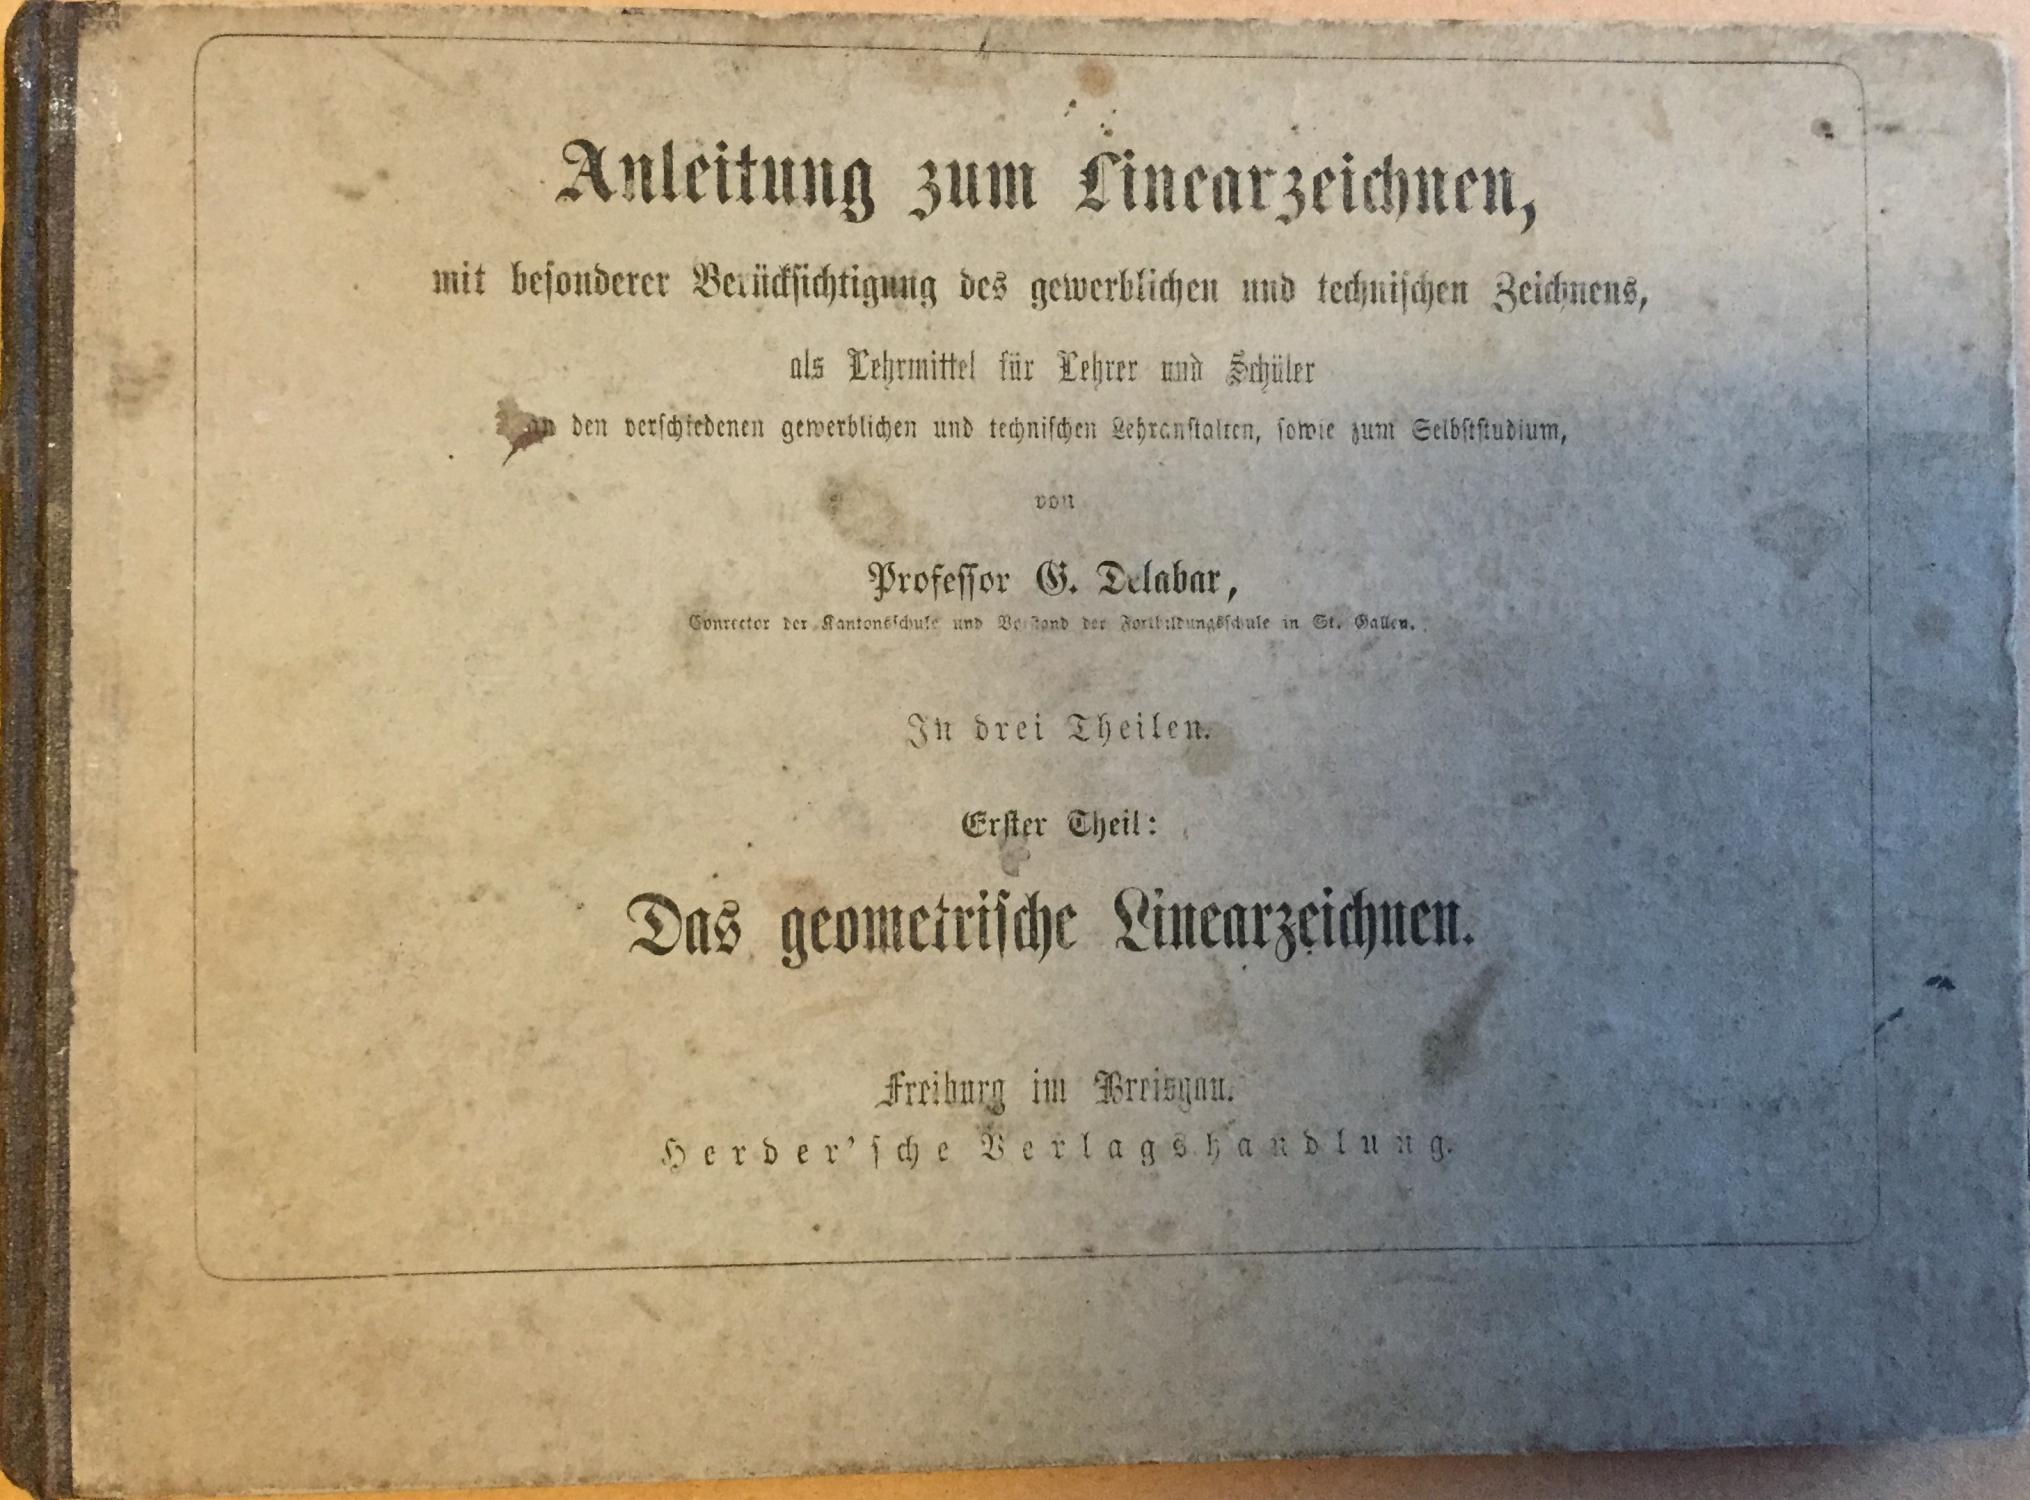 Anleitung zum Linearzeichnen, mit besonderer Berücksichtigung des: Delabar, G.